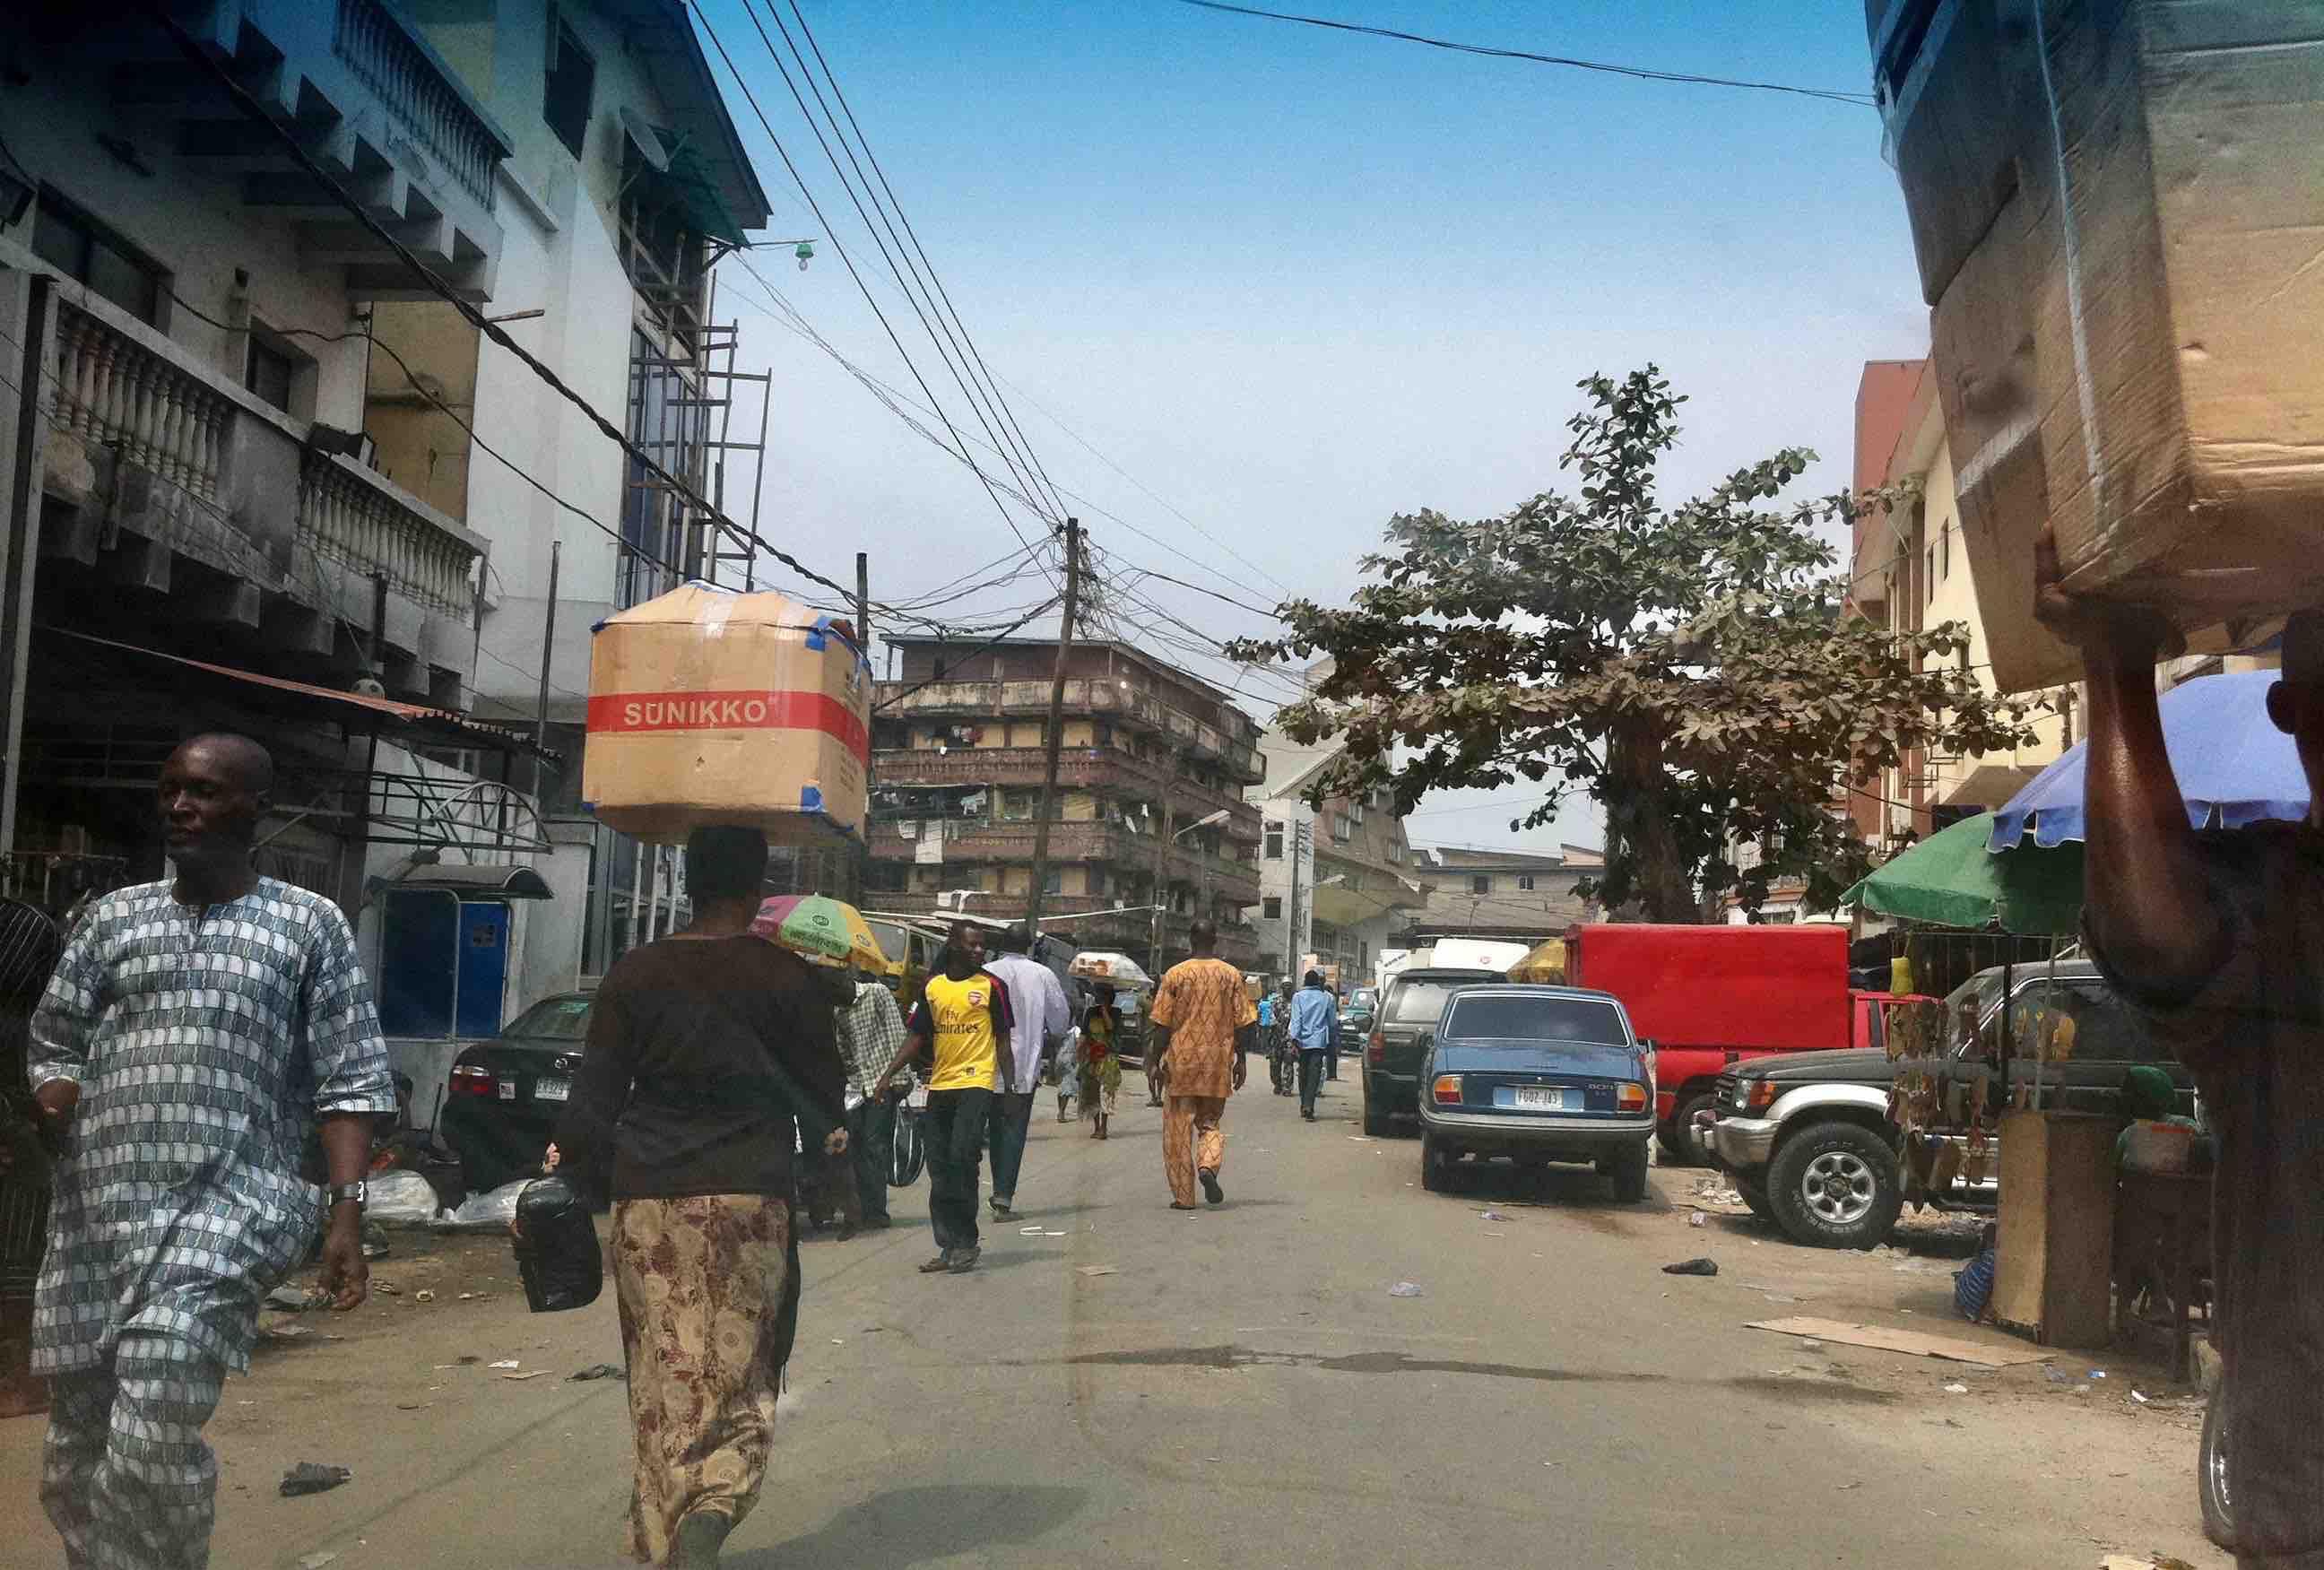 Street Scene, Iga Idunganran, Lagos Island, Lagos State, Nigeria. #JujuFilms